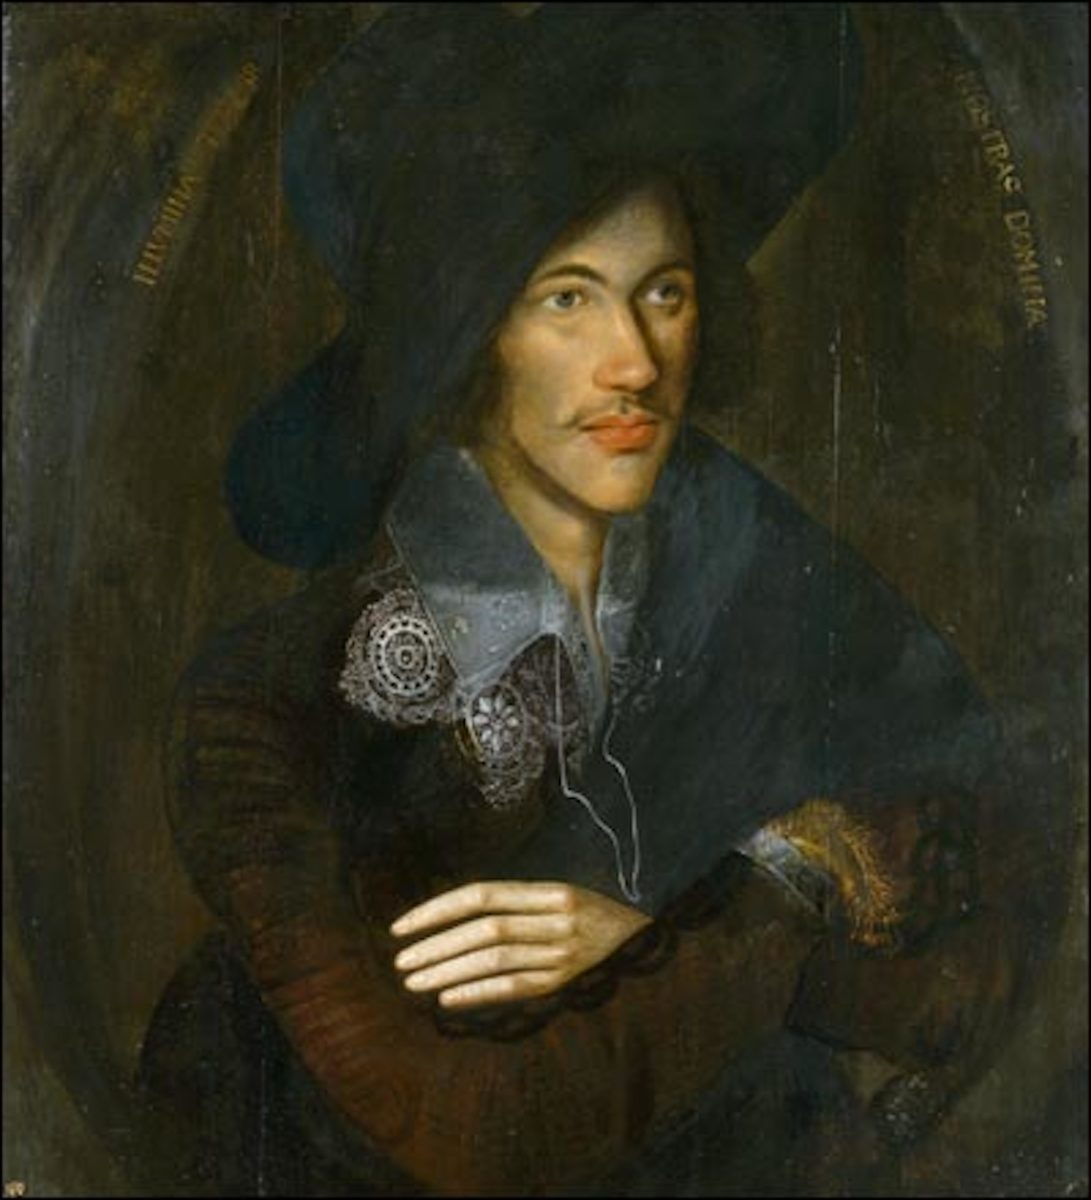 John Donne's Holy Sonnet XI